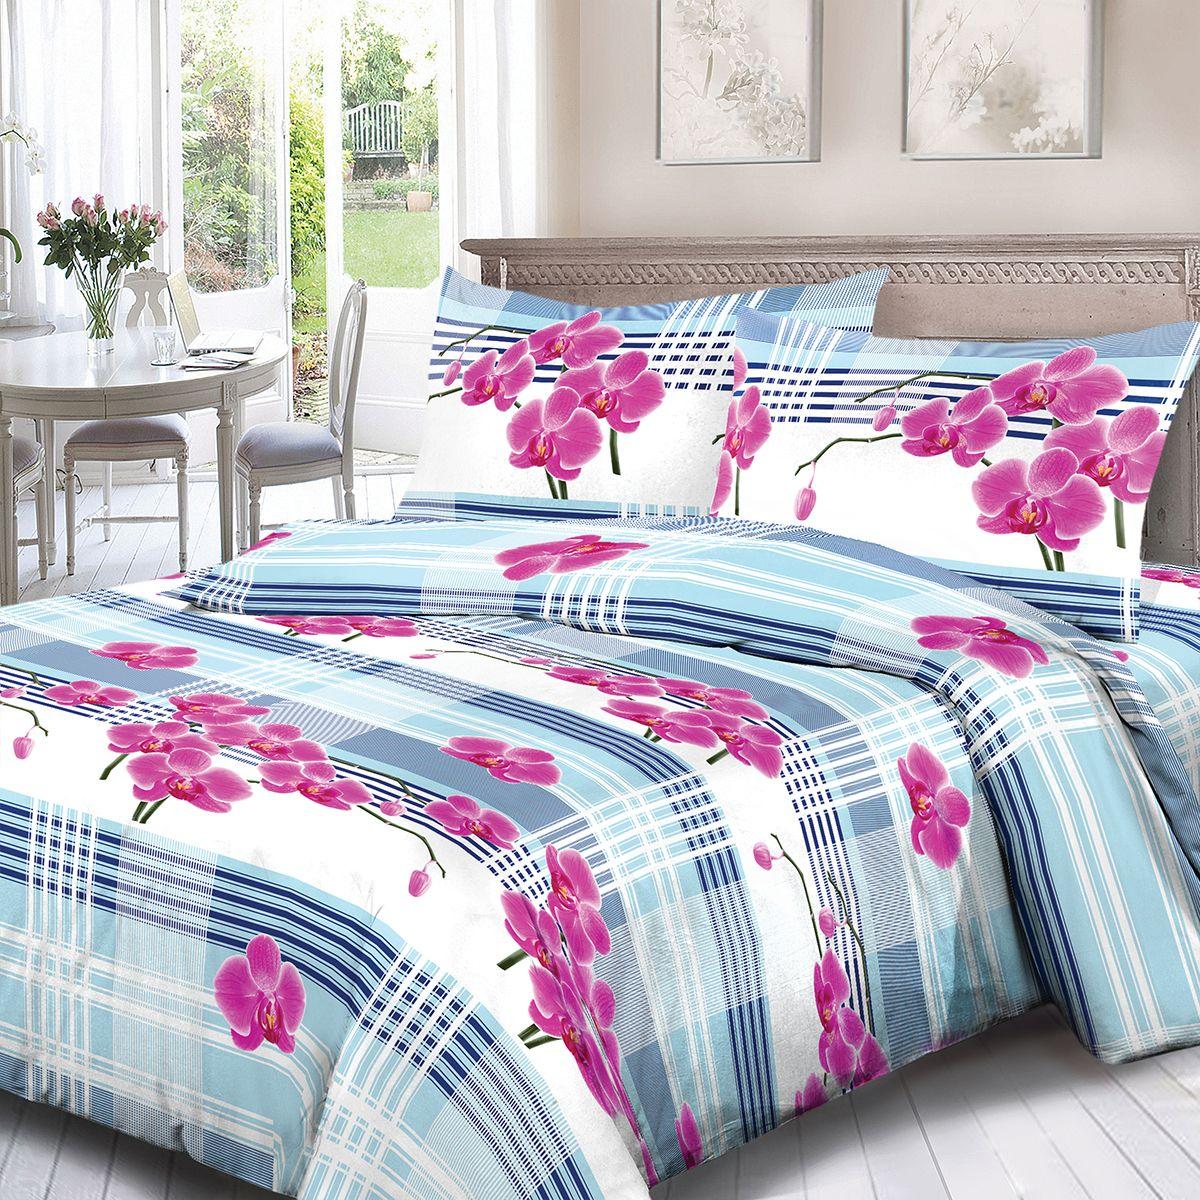 Комплект белья Для Снов Орхидея, 1,5 спальное, наволочки 70x70, цвет: розовый. 3547-181964